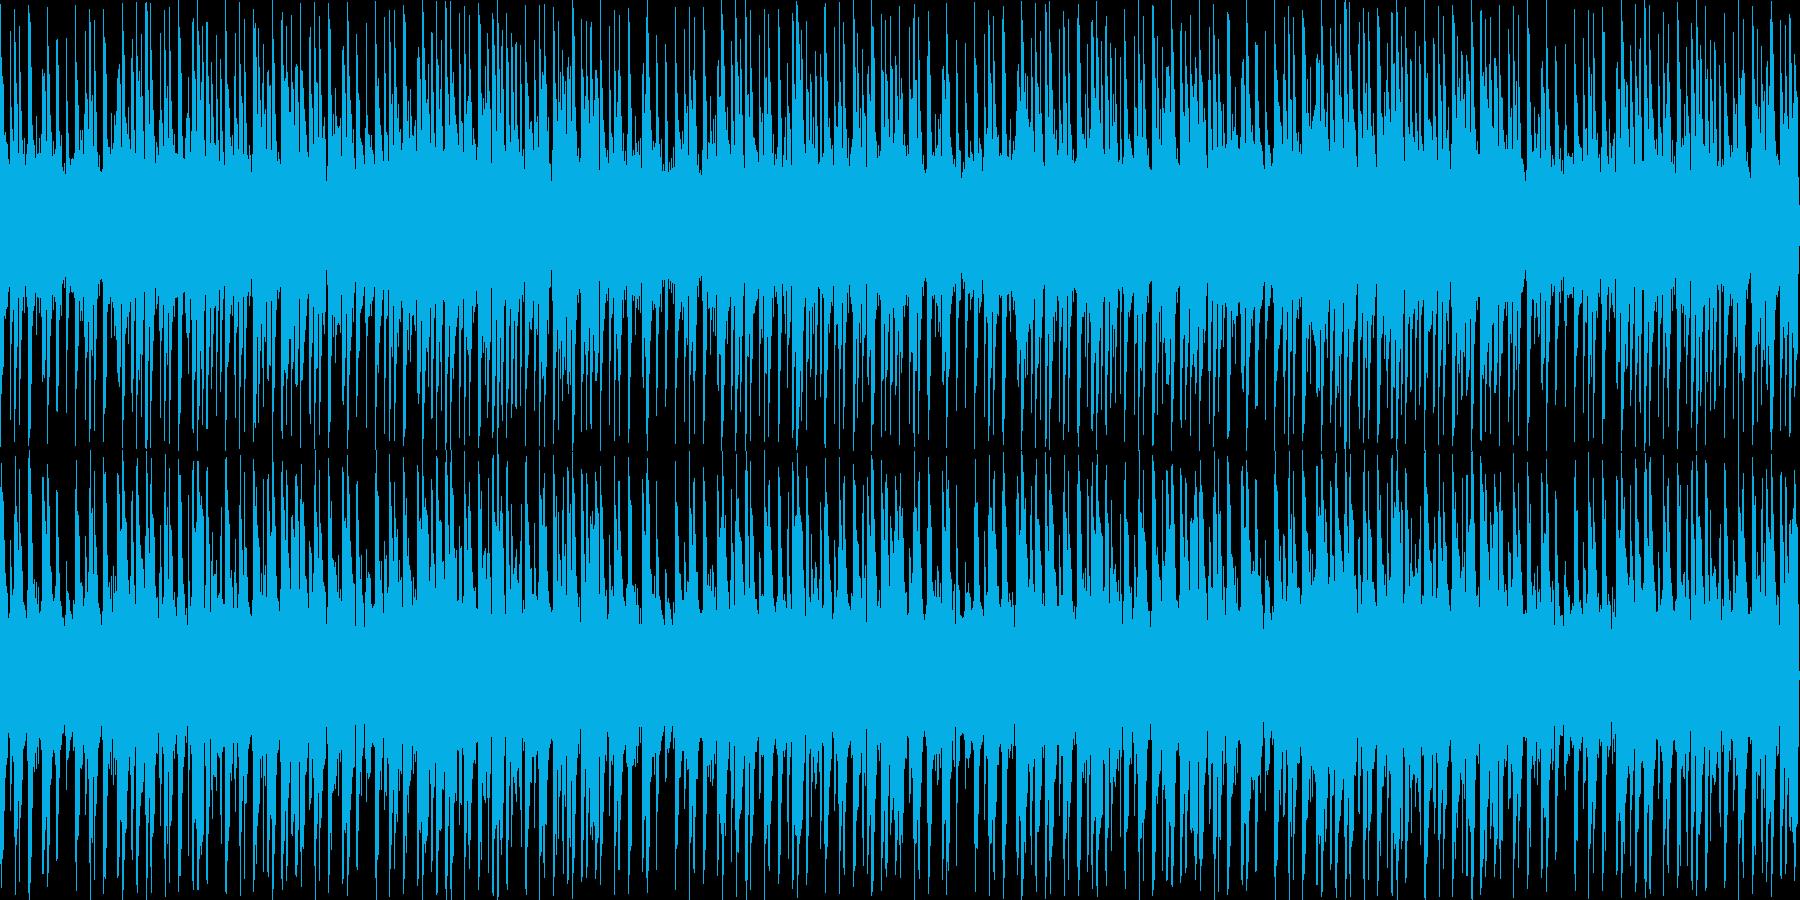 怪しい雰囲気のビートの再生済みの波形